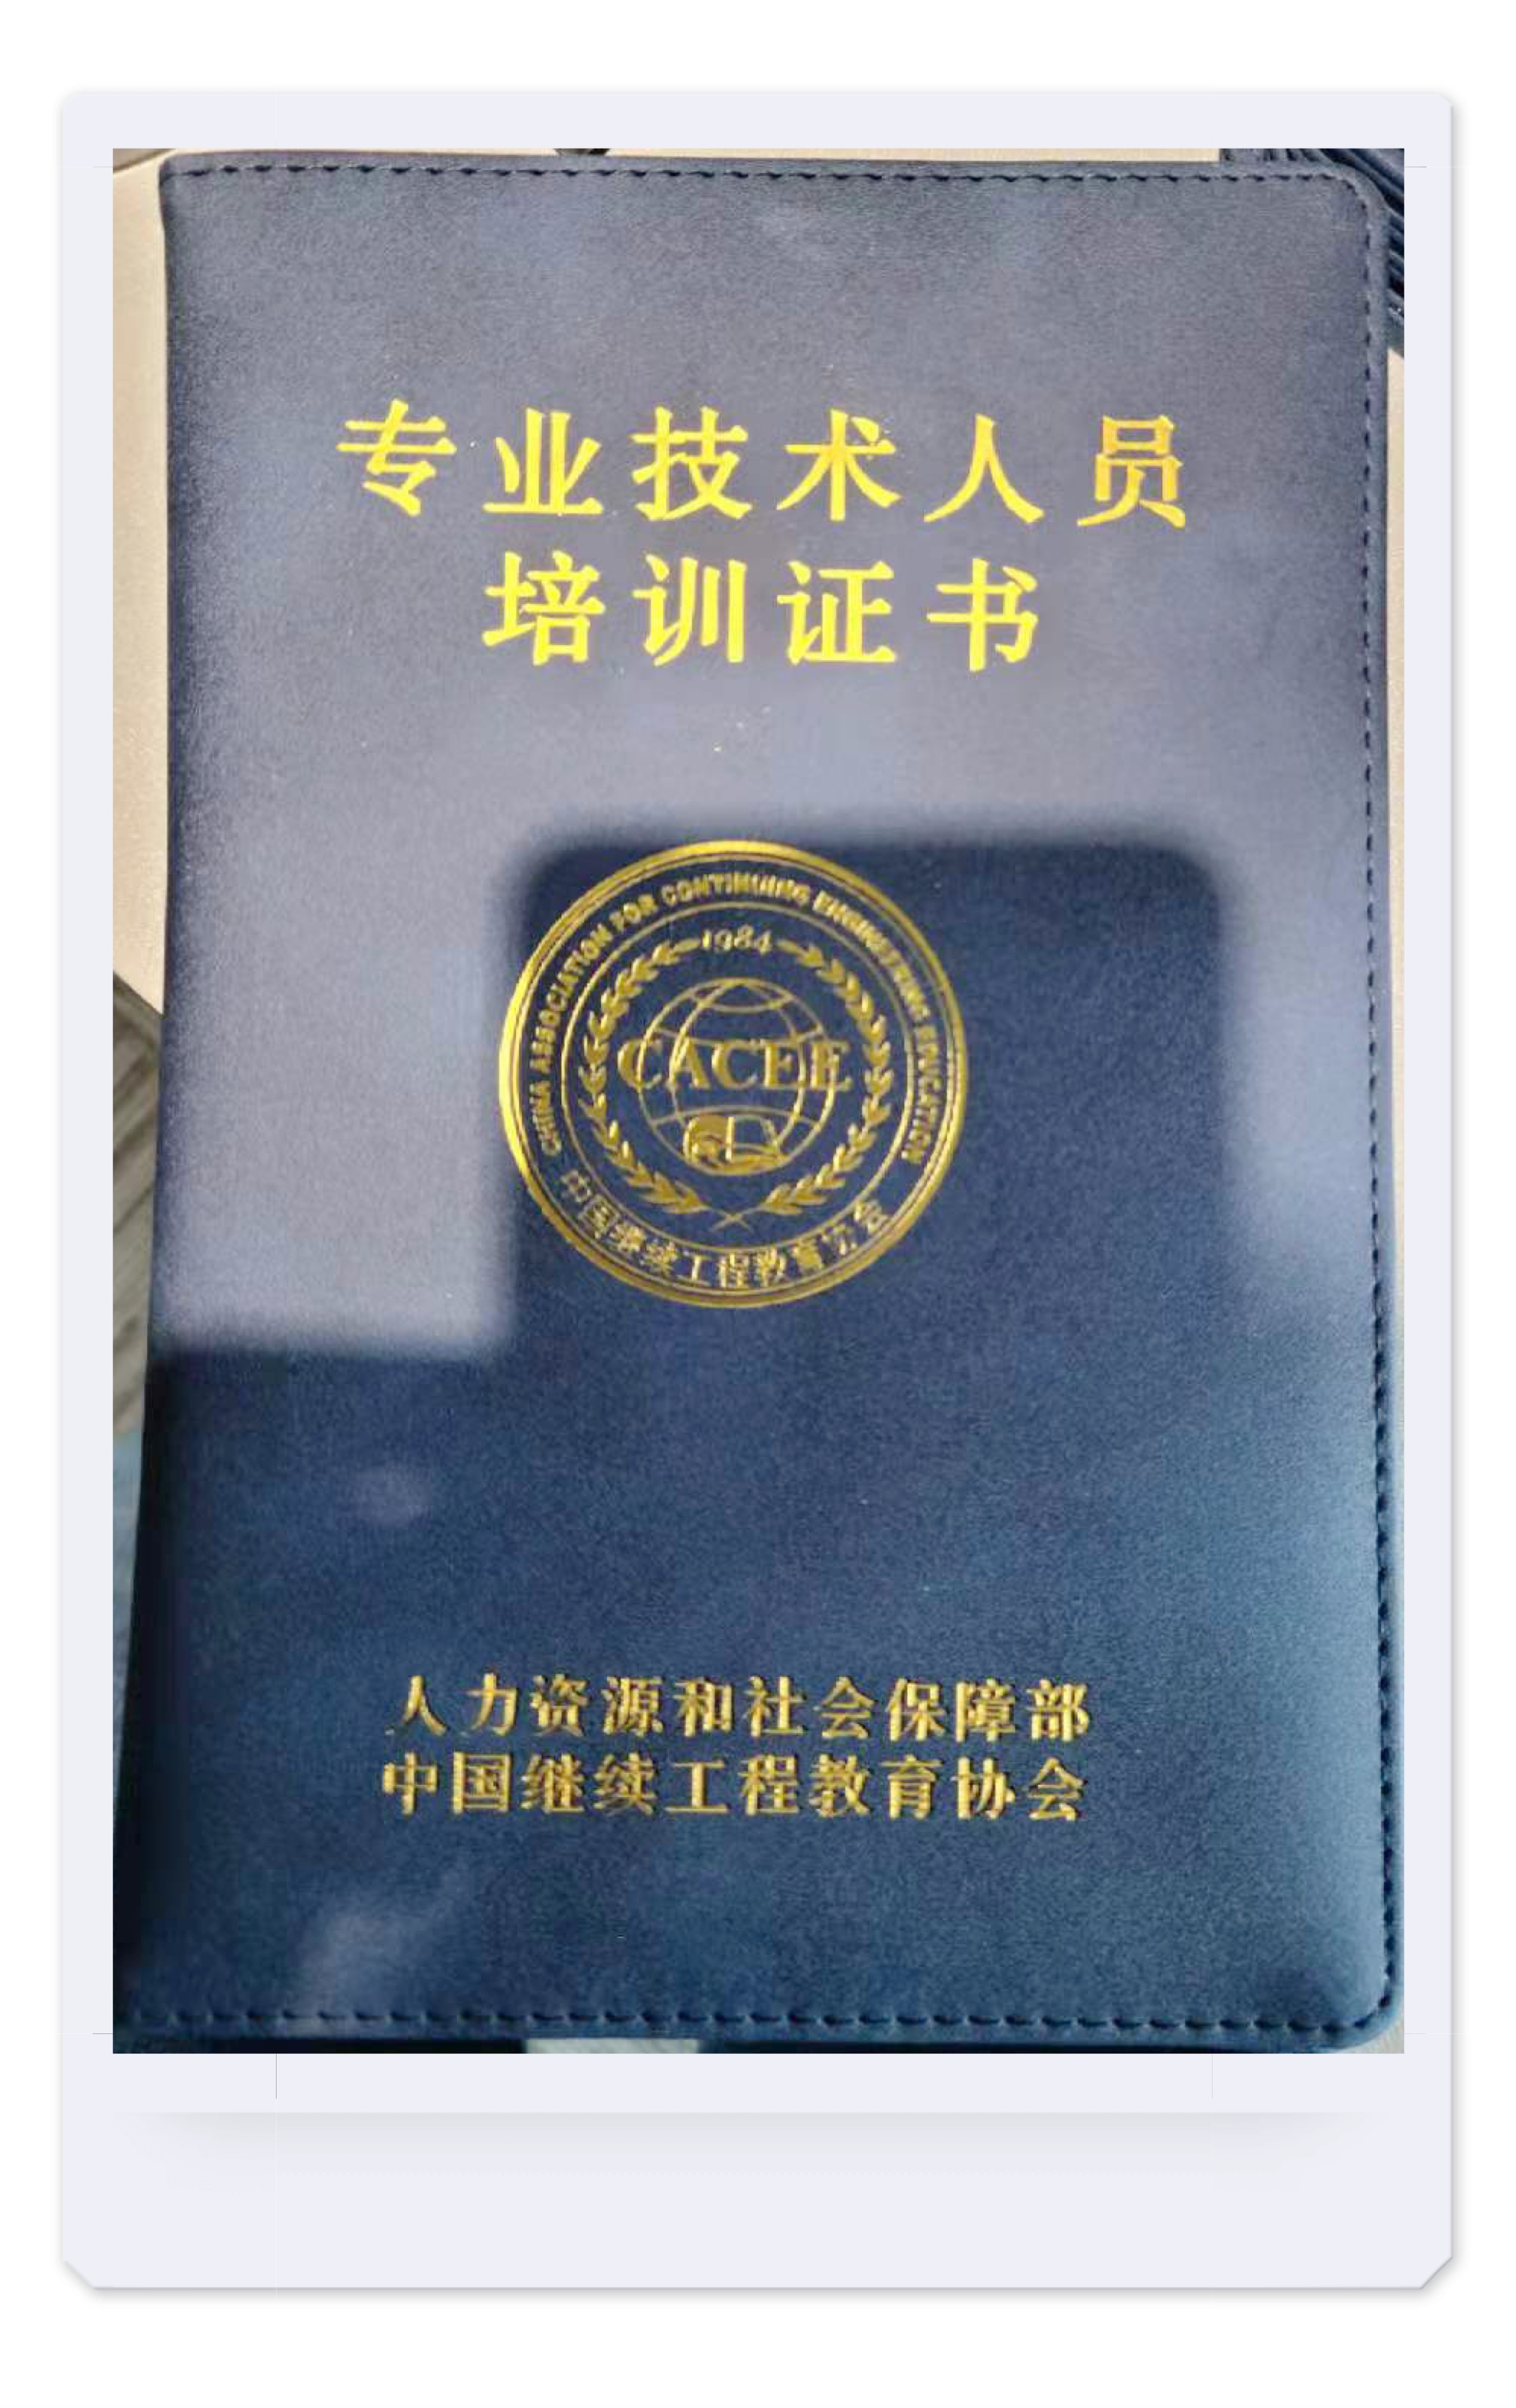 证书c.jpg